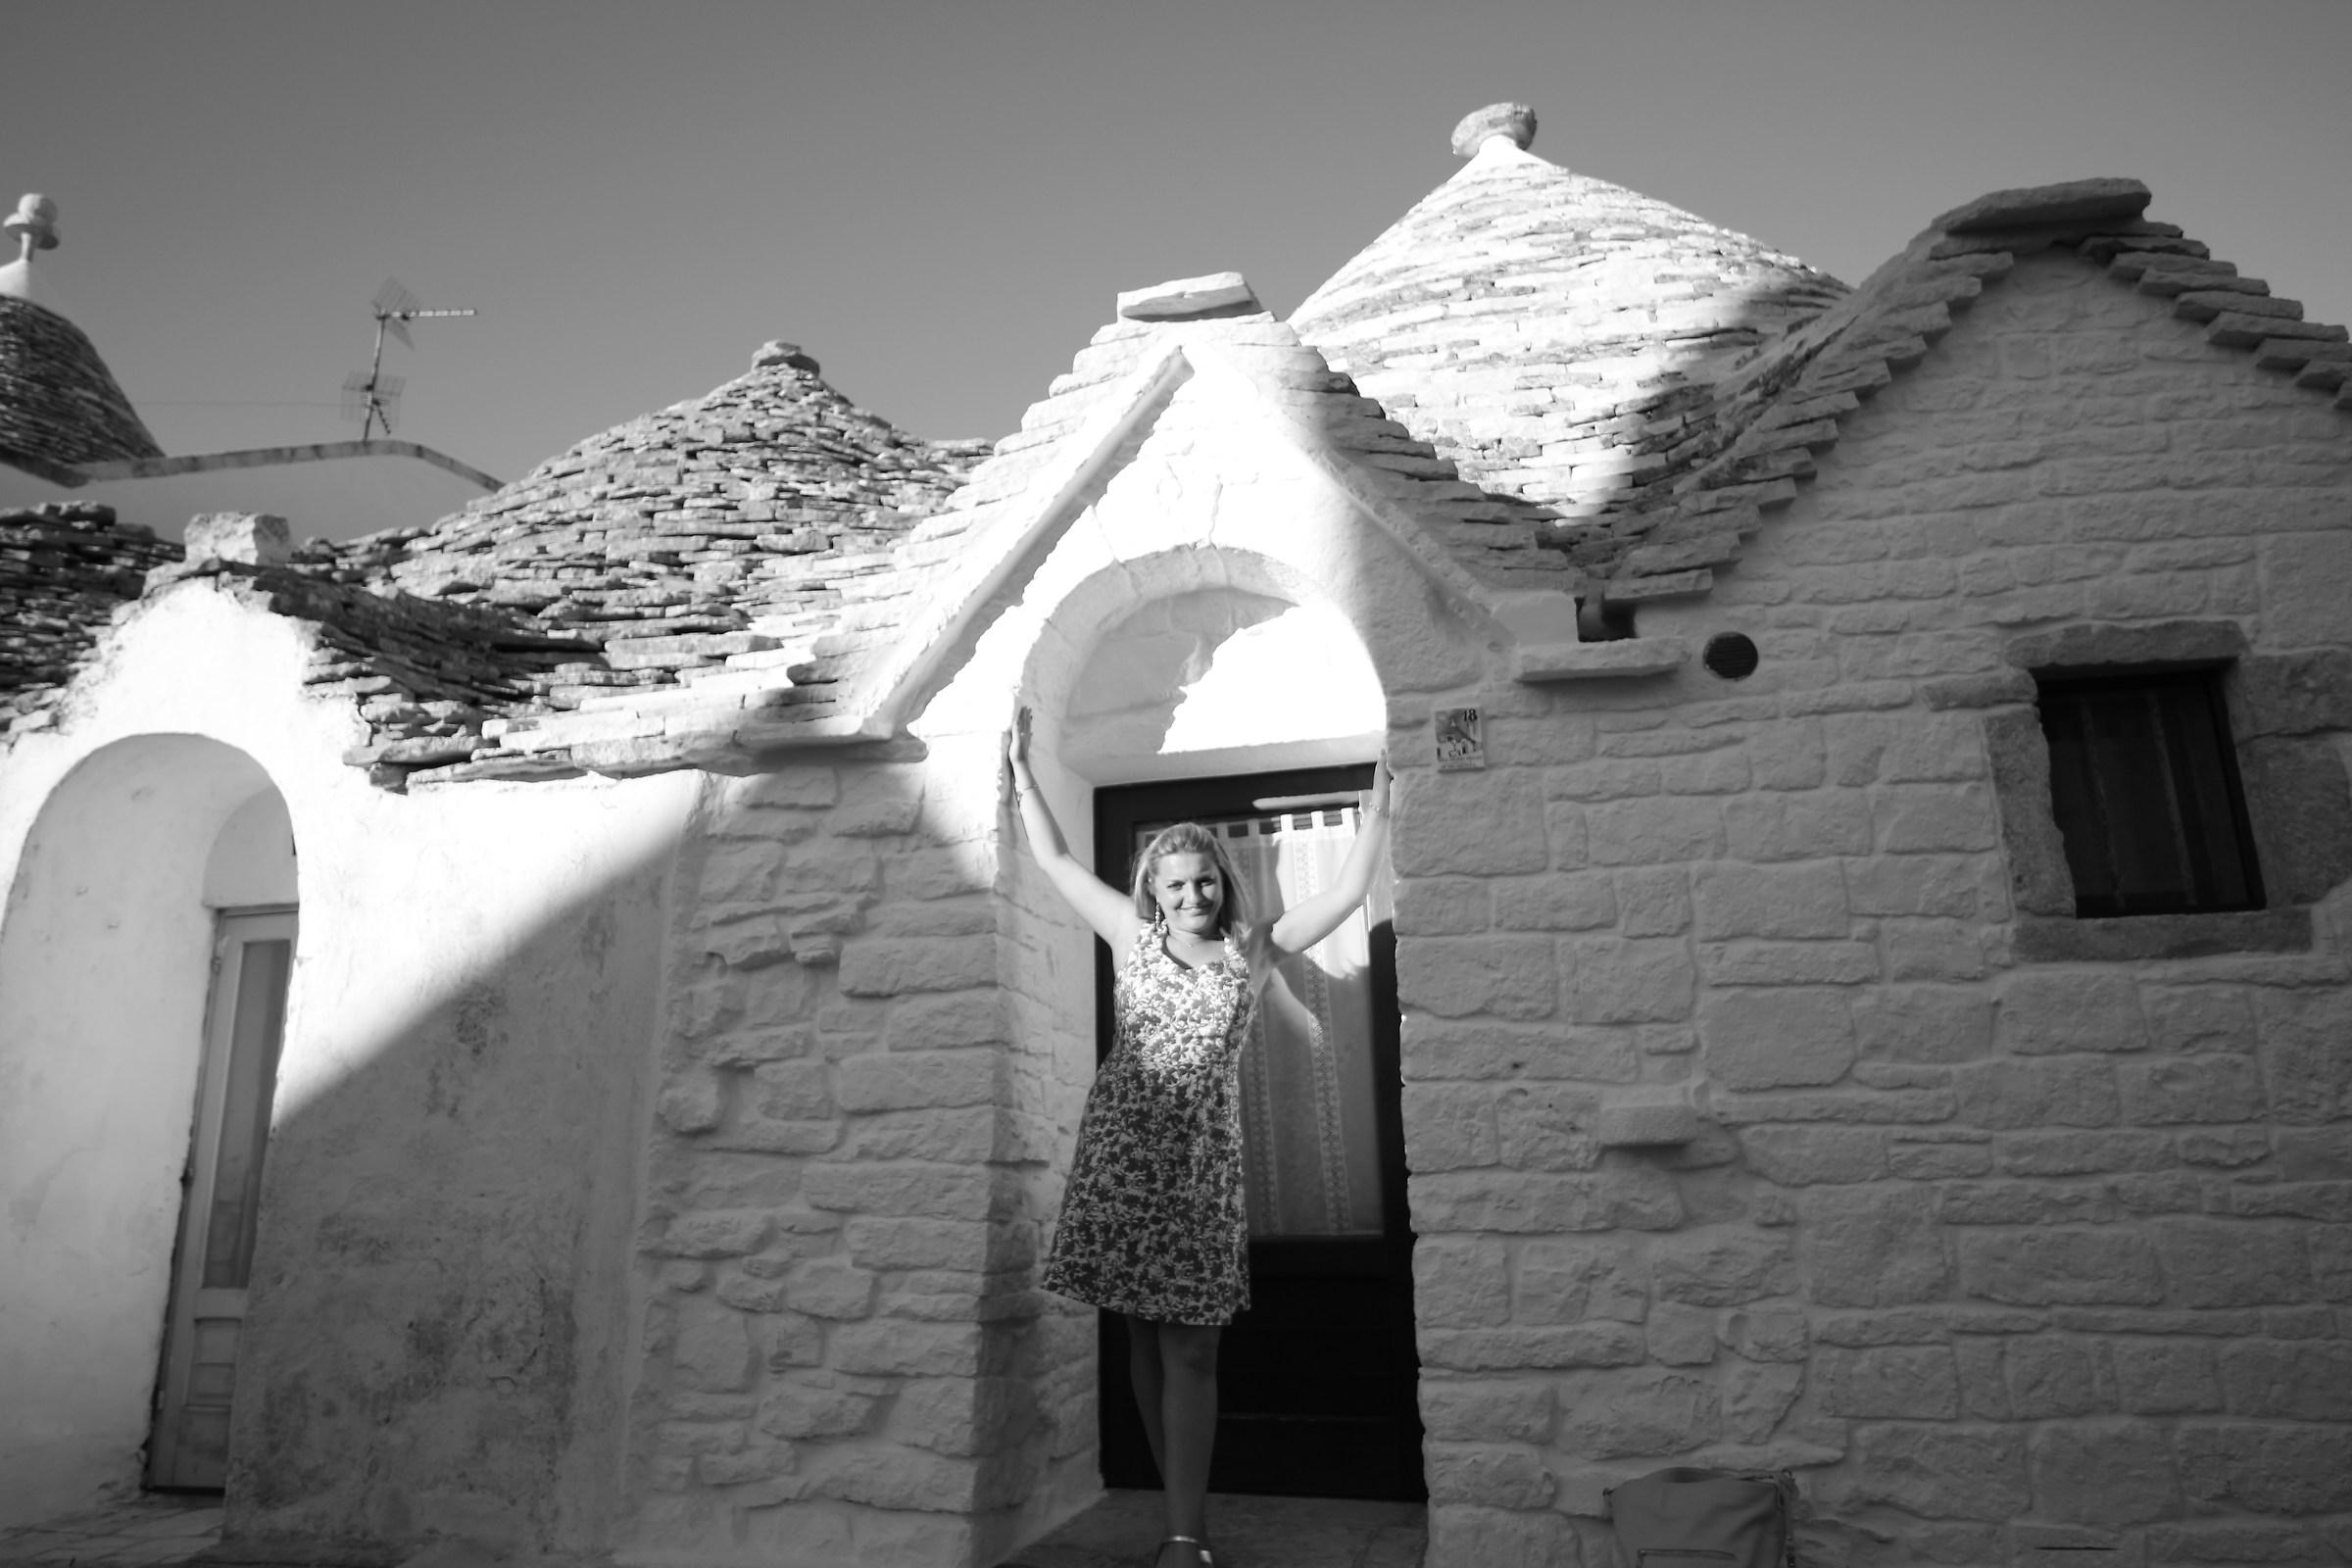 Tra i trulli di Alberobello...